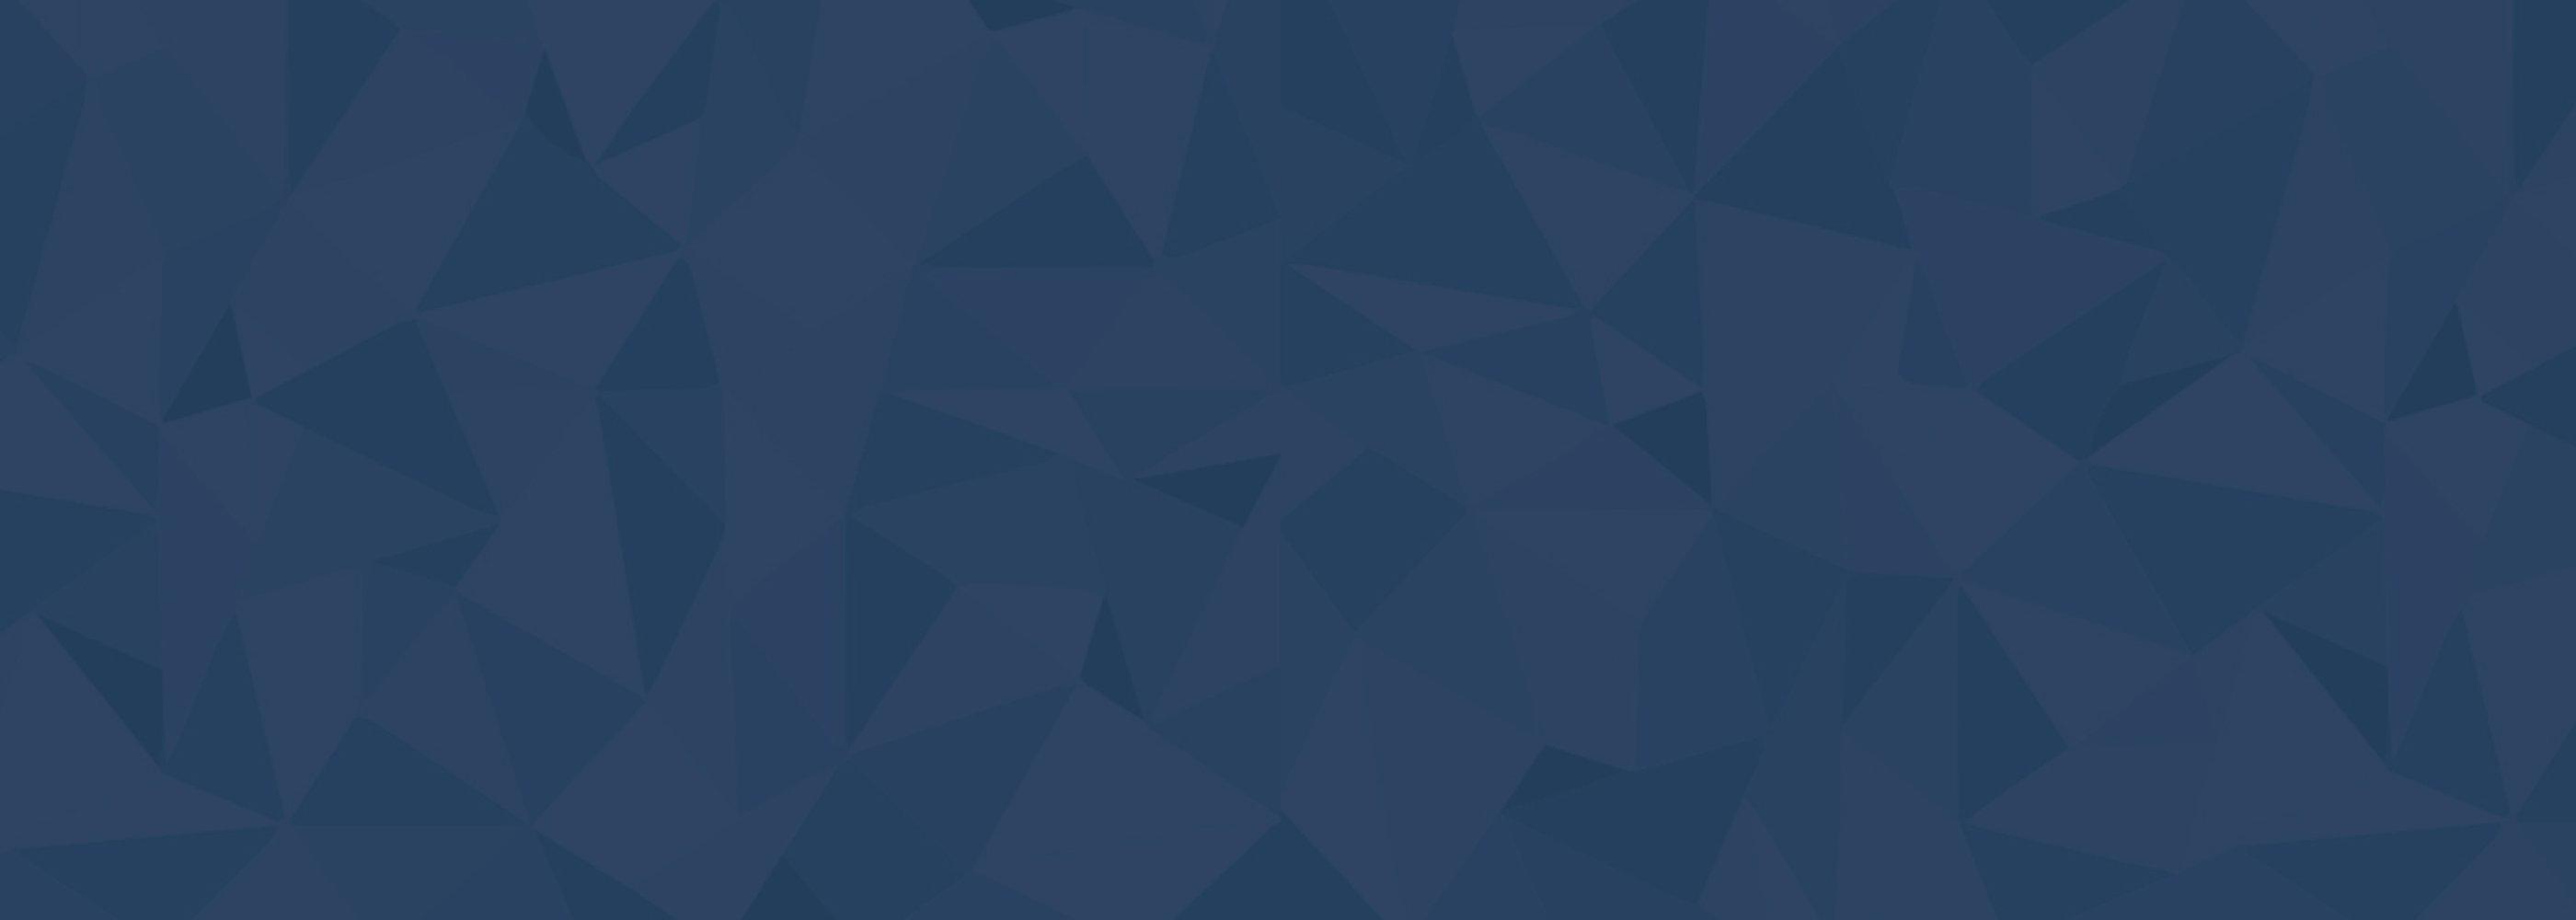 background image blue fractals